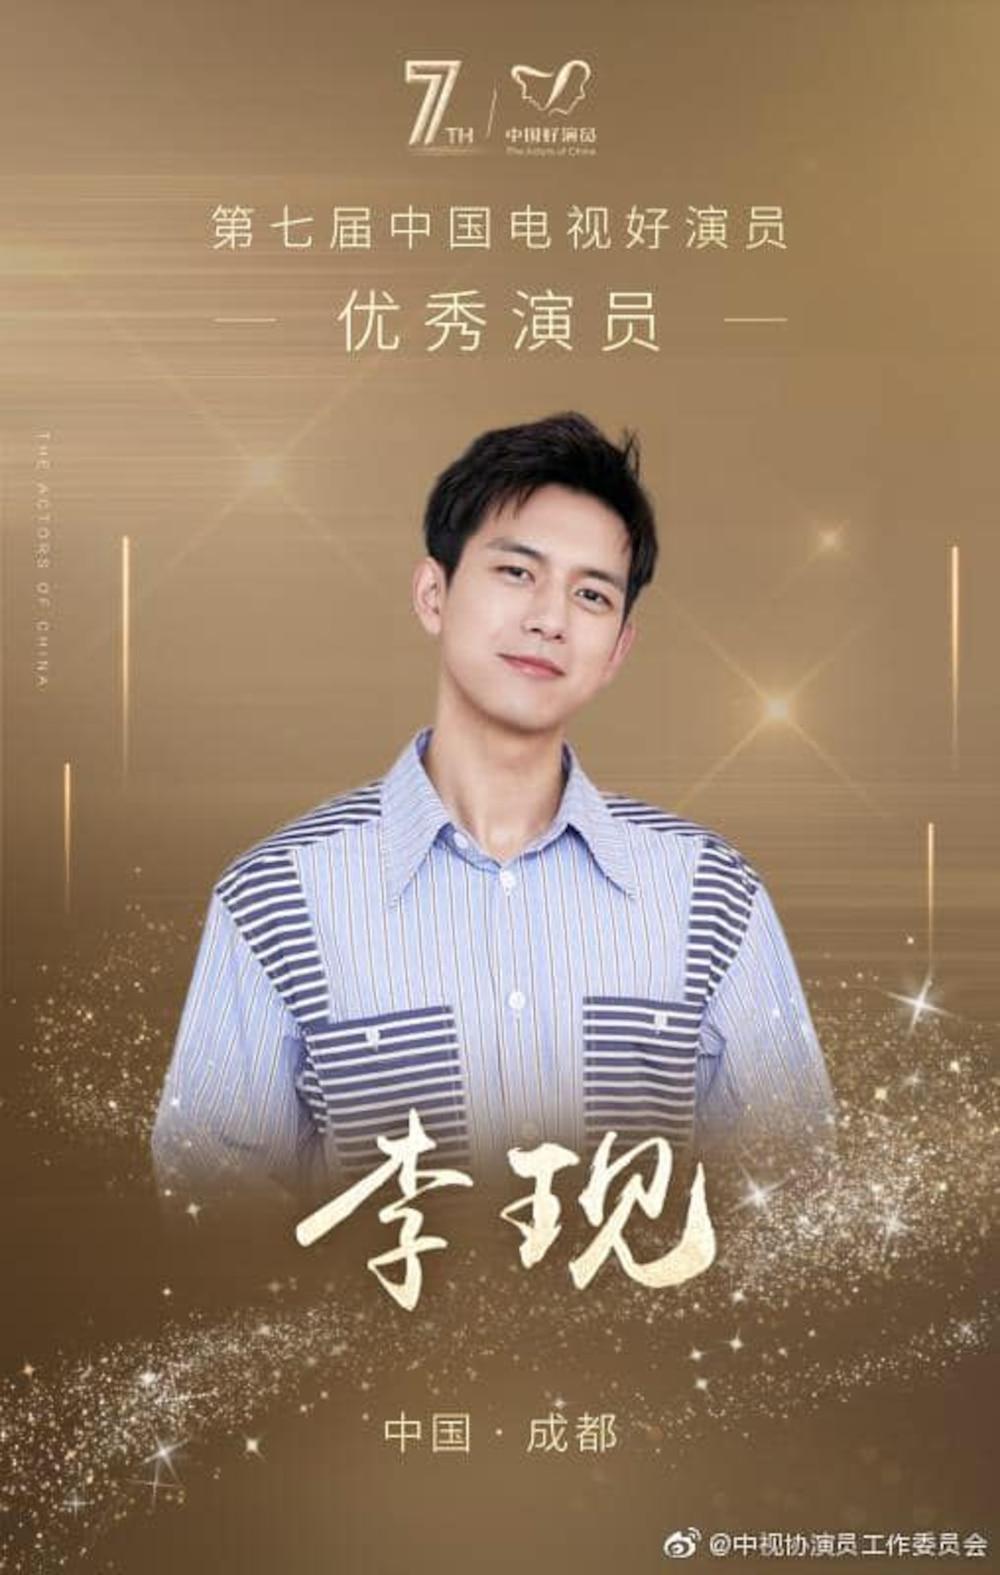 Bảng xếp hạng diễn viên truyền hình xuất sắc: Tiêu Chiến, Vương Nhất Bác, Tống Uy Long đều không có tên 5